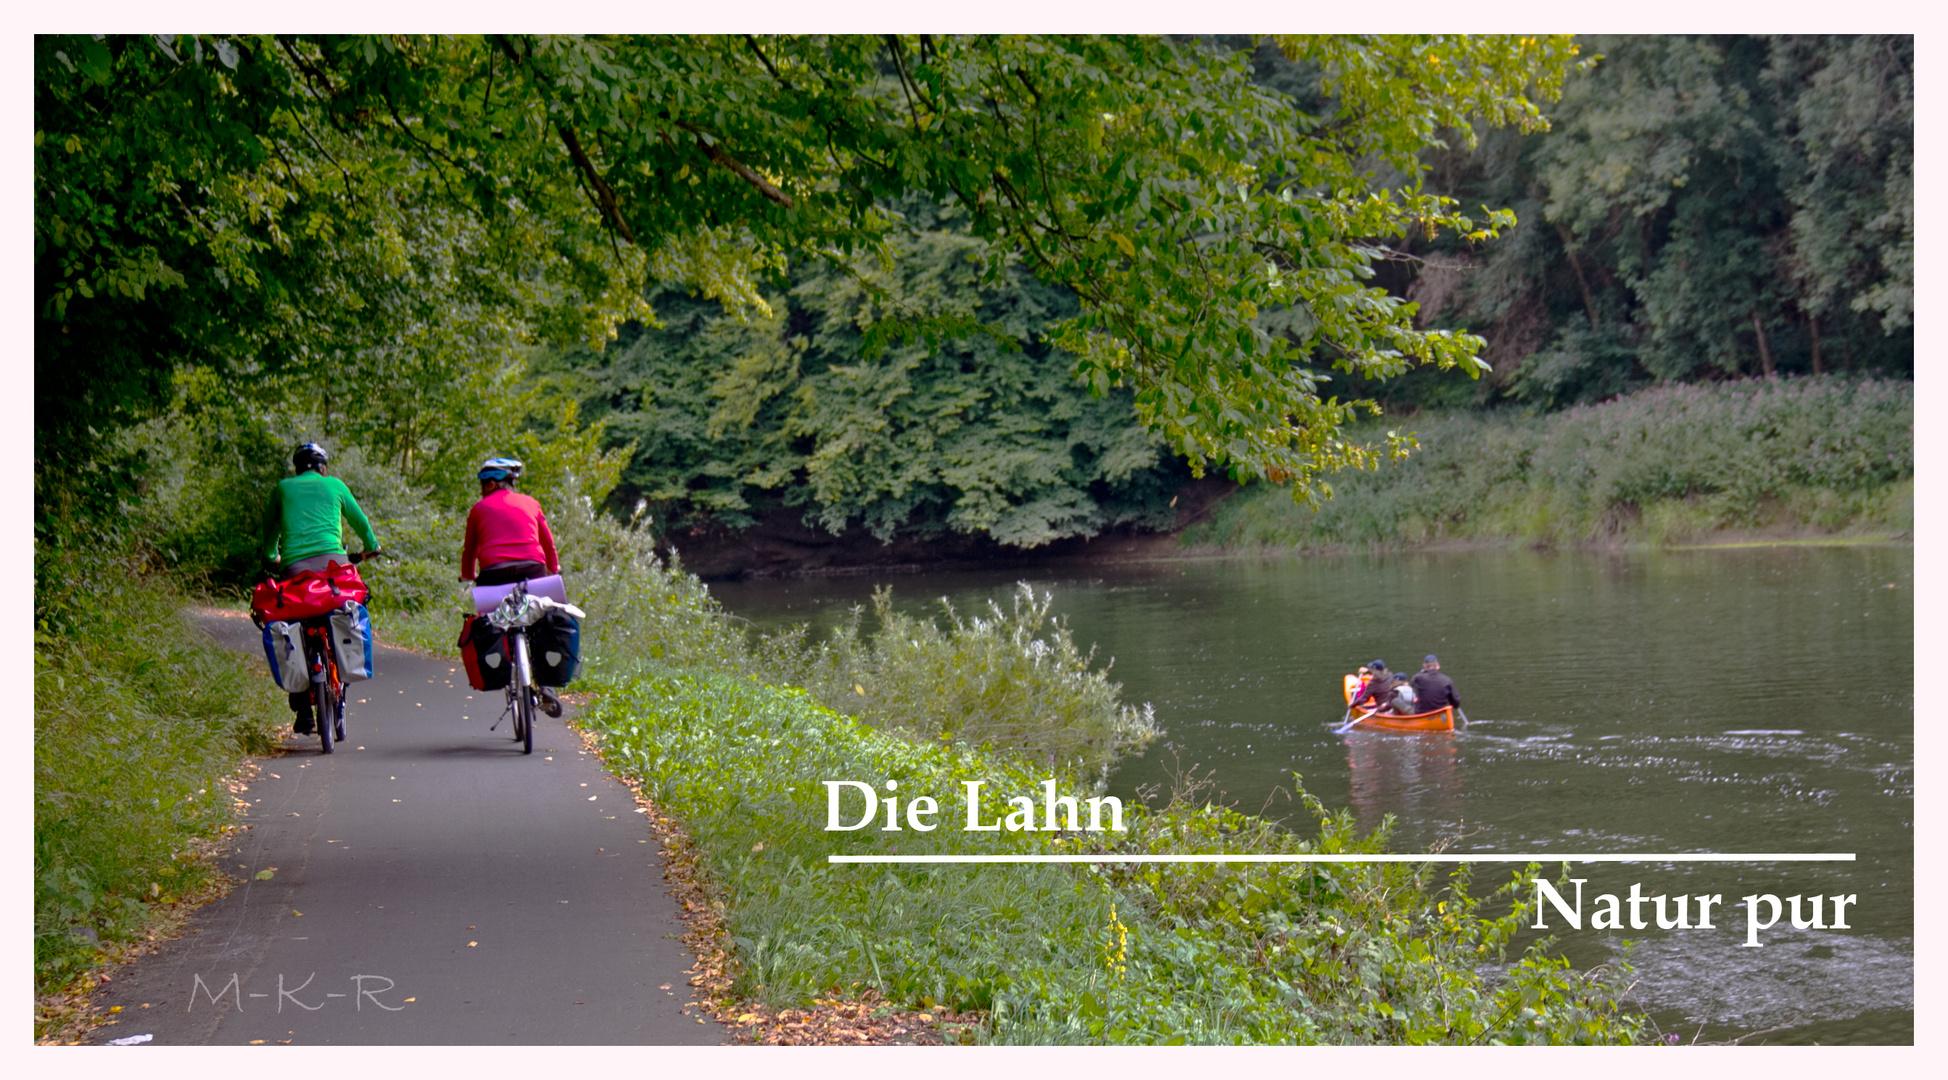 Lahn - Natur pur